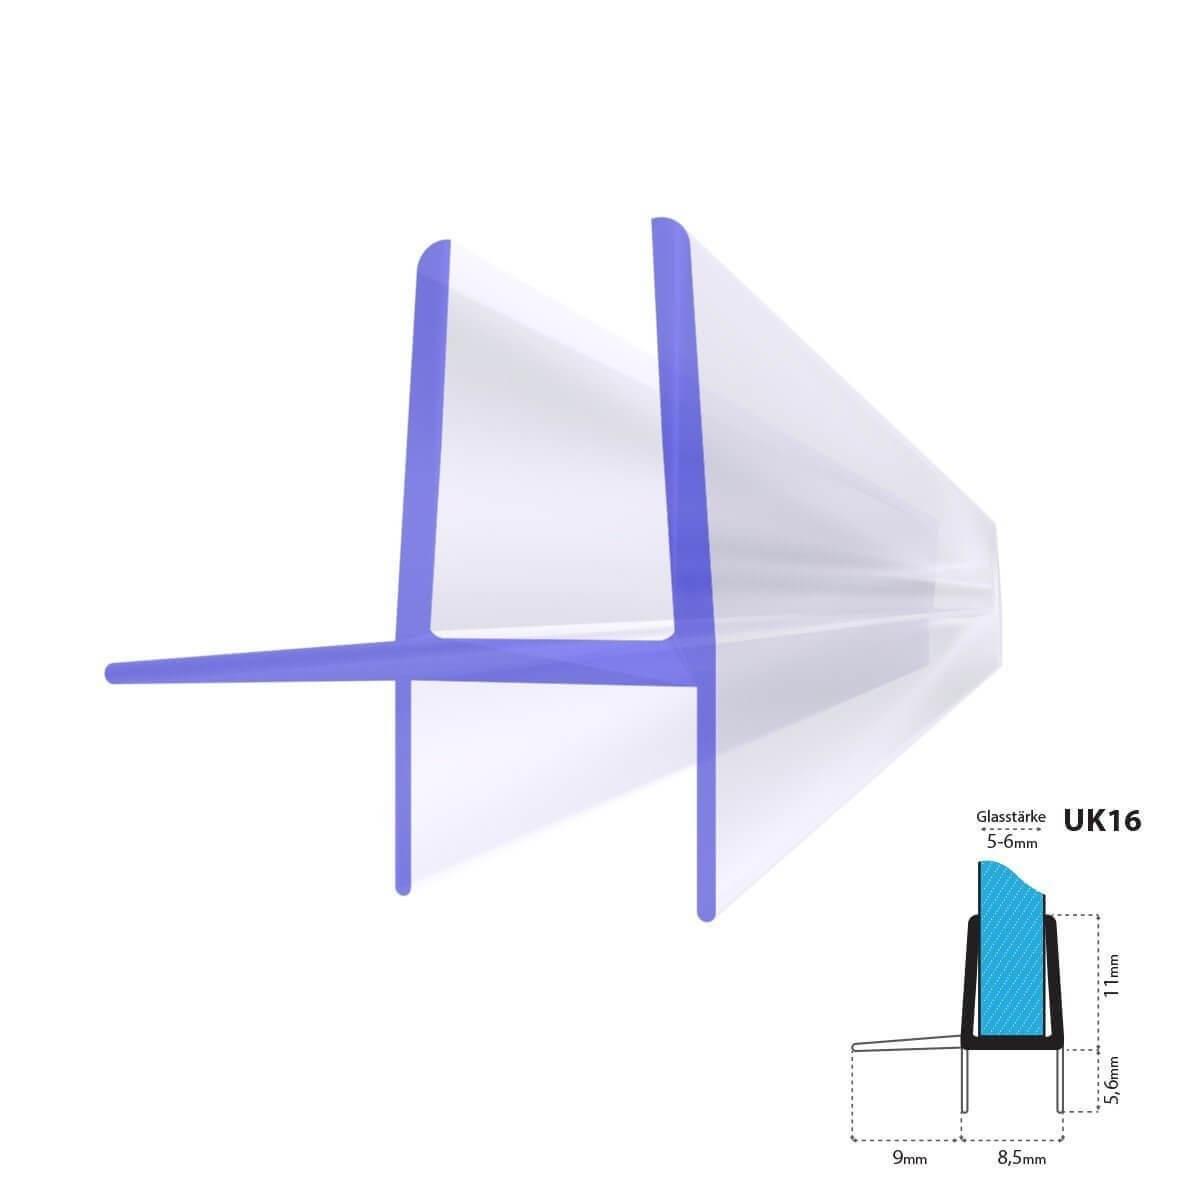 Duschdichtung Uk16 Duschturdichtung Duschkabinendichtung Fur 5mm